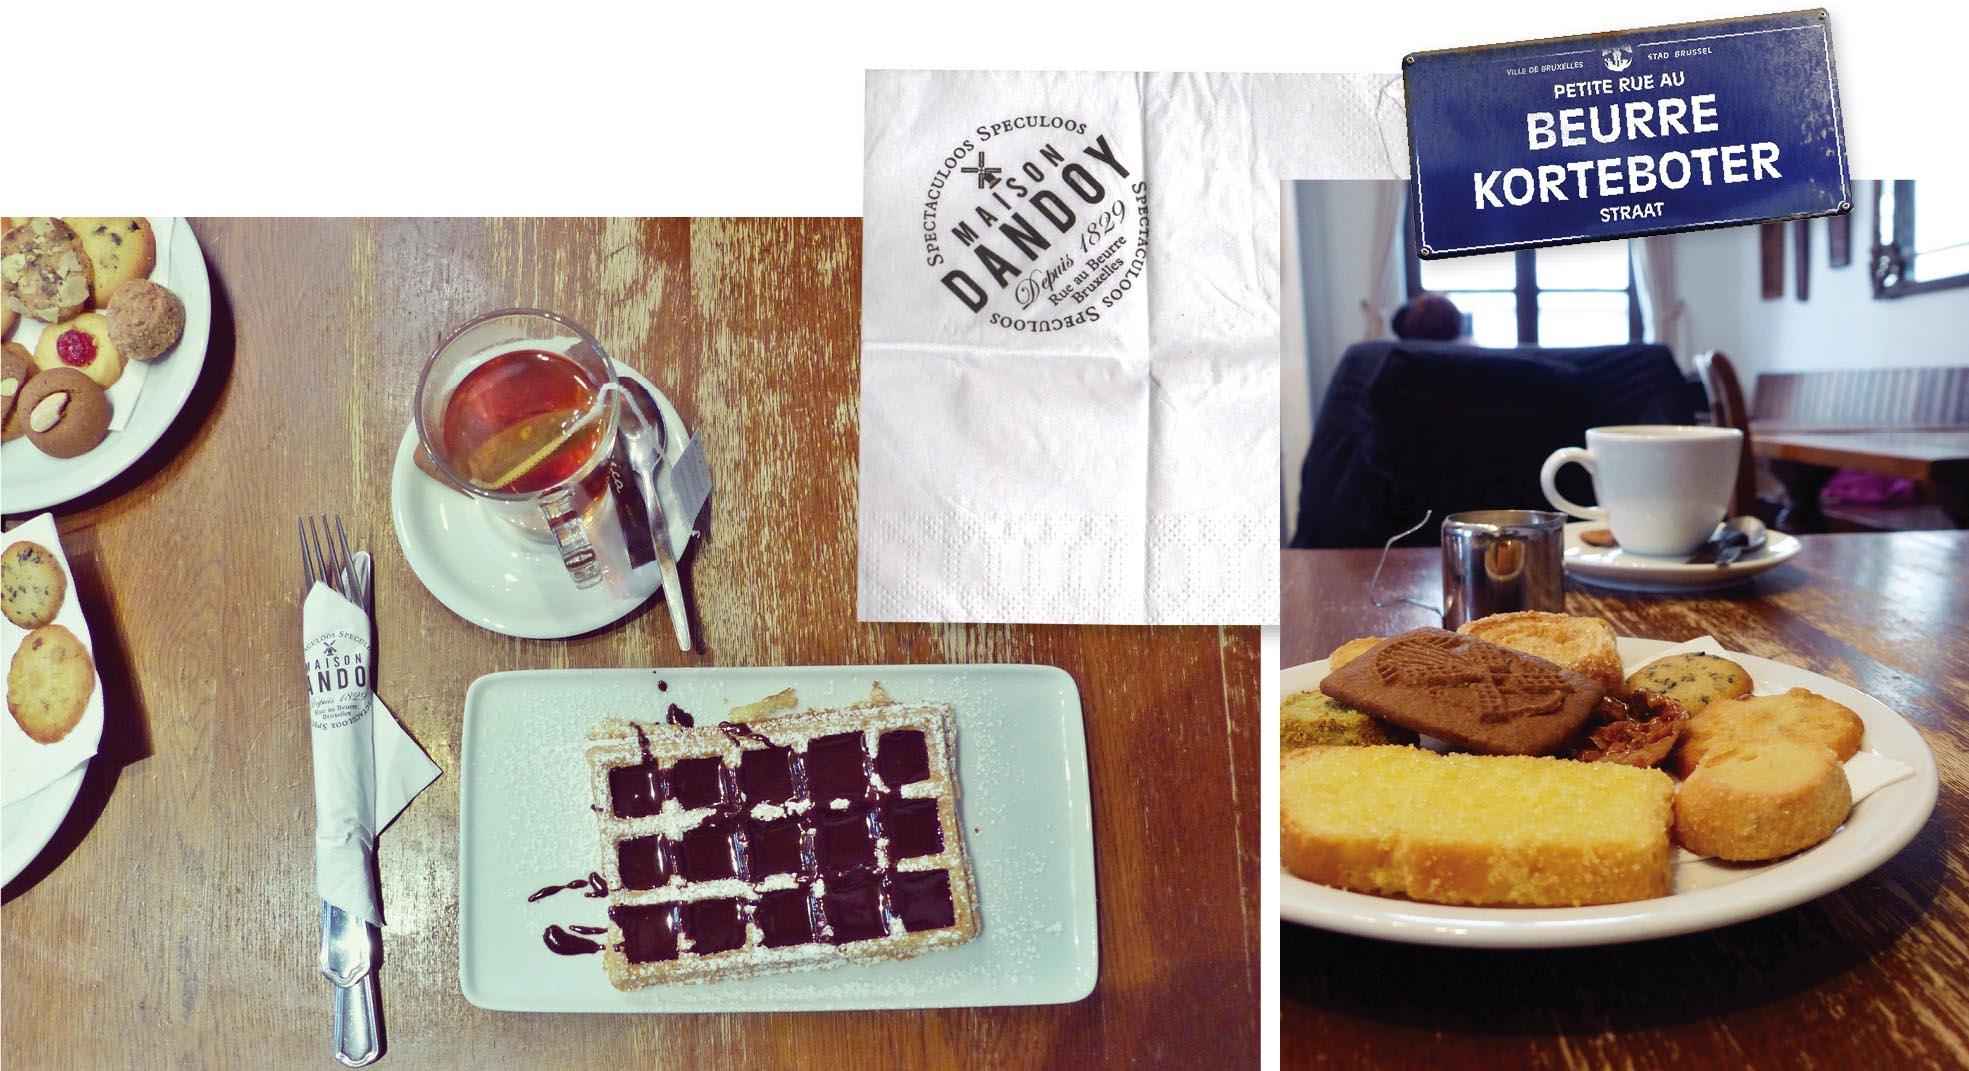 Bruxelles, europe, Belgique, food, nourriture, dandoy, salon de thé, gaufre, sucre glacé, sucre roux, gâteaux, thé, assiette, couvert, serviette, sablé, café, tasse